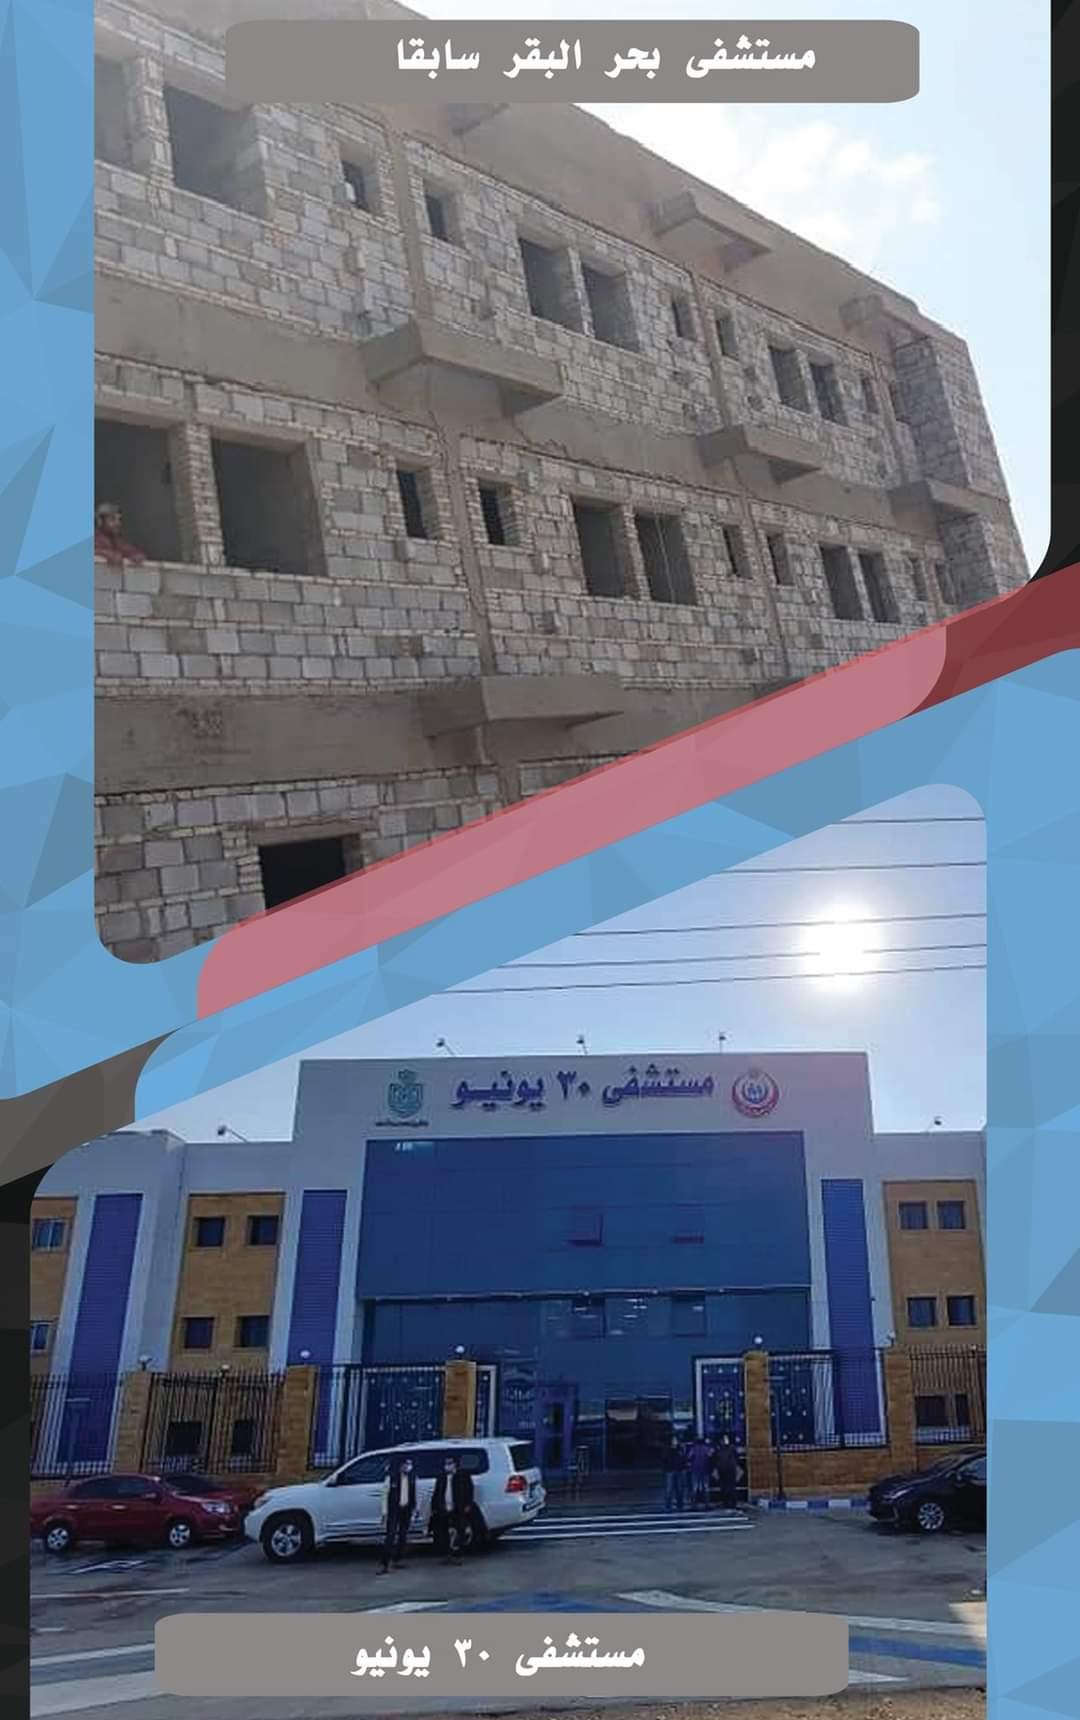 المستشفى قبل وبعد